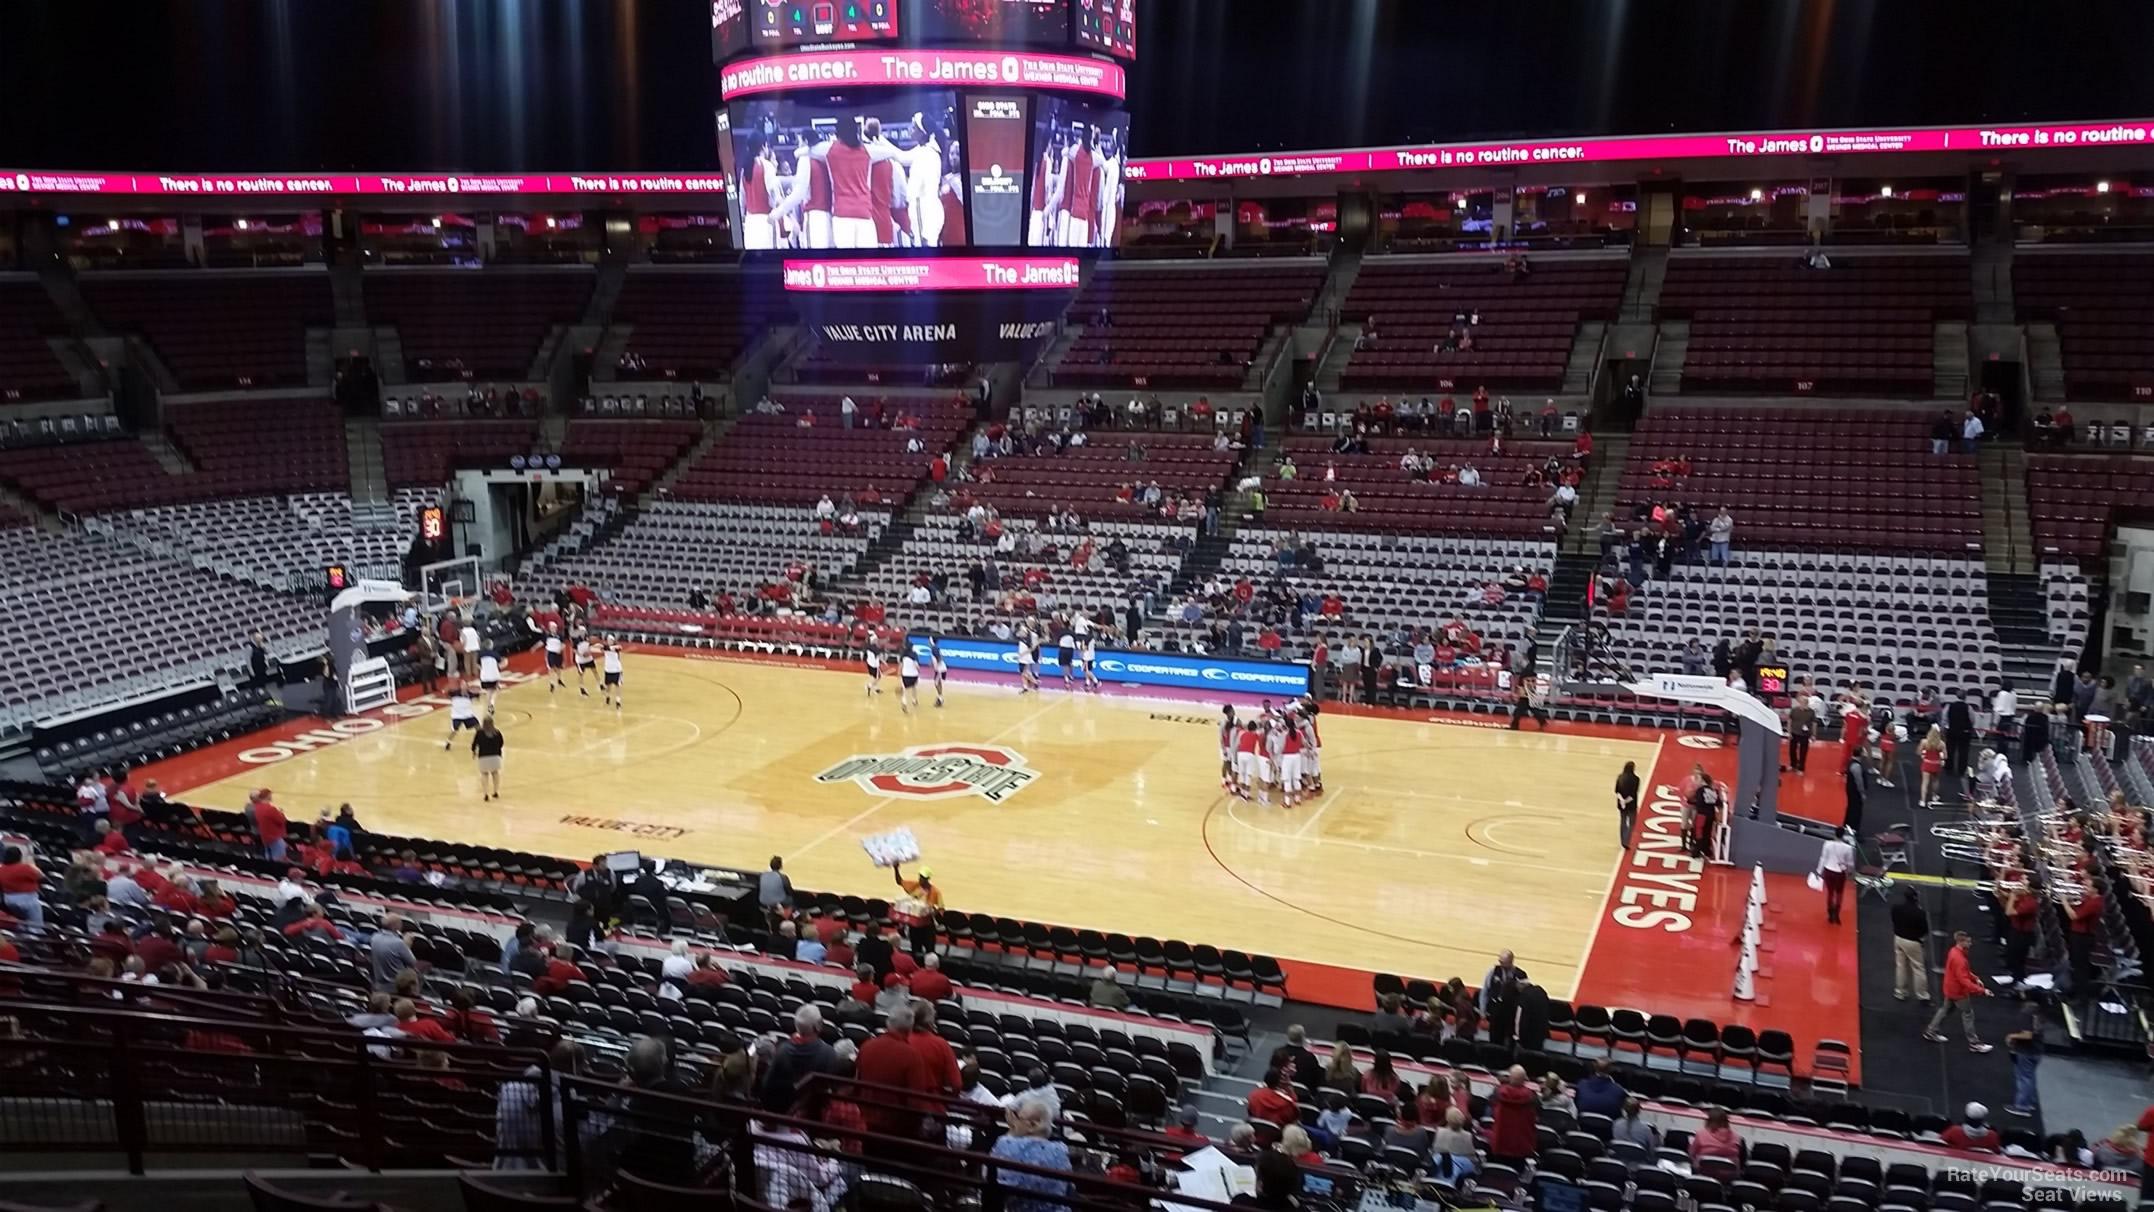 Schottenstein center section 221 ohio state basketball